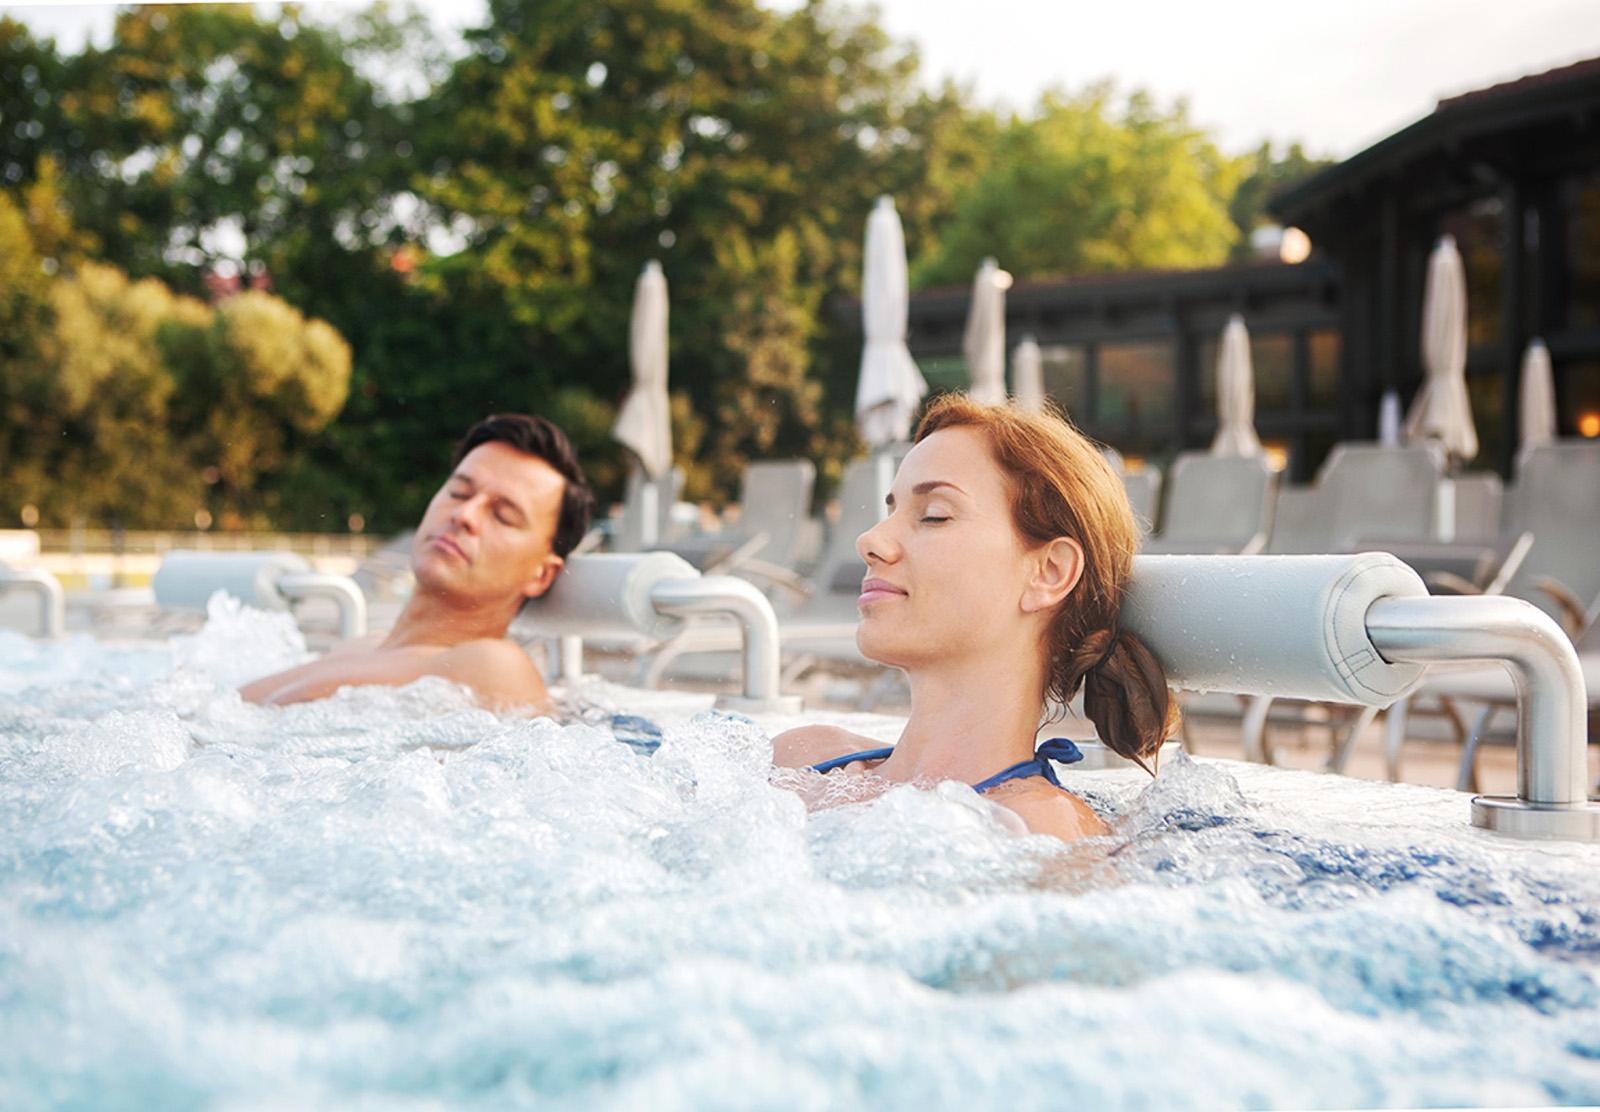 Heiltherme Bad Waltersdorf Paar genießt sprudelndes Thermalwasser beim Liegebereich